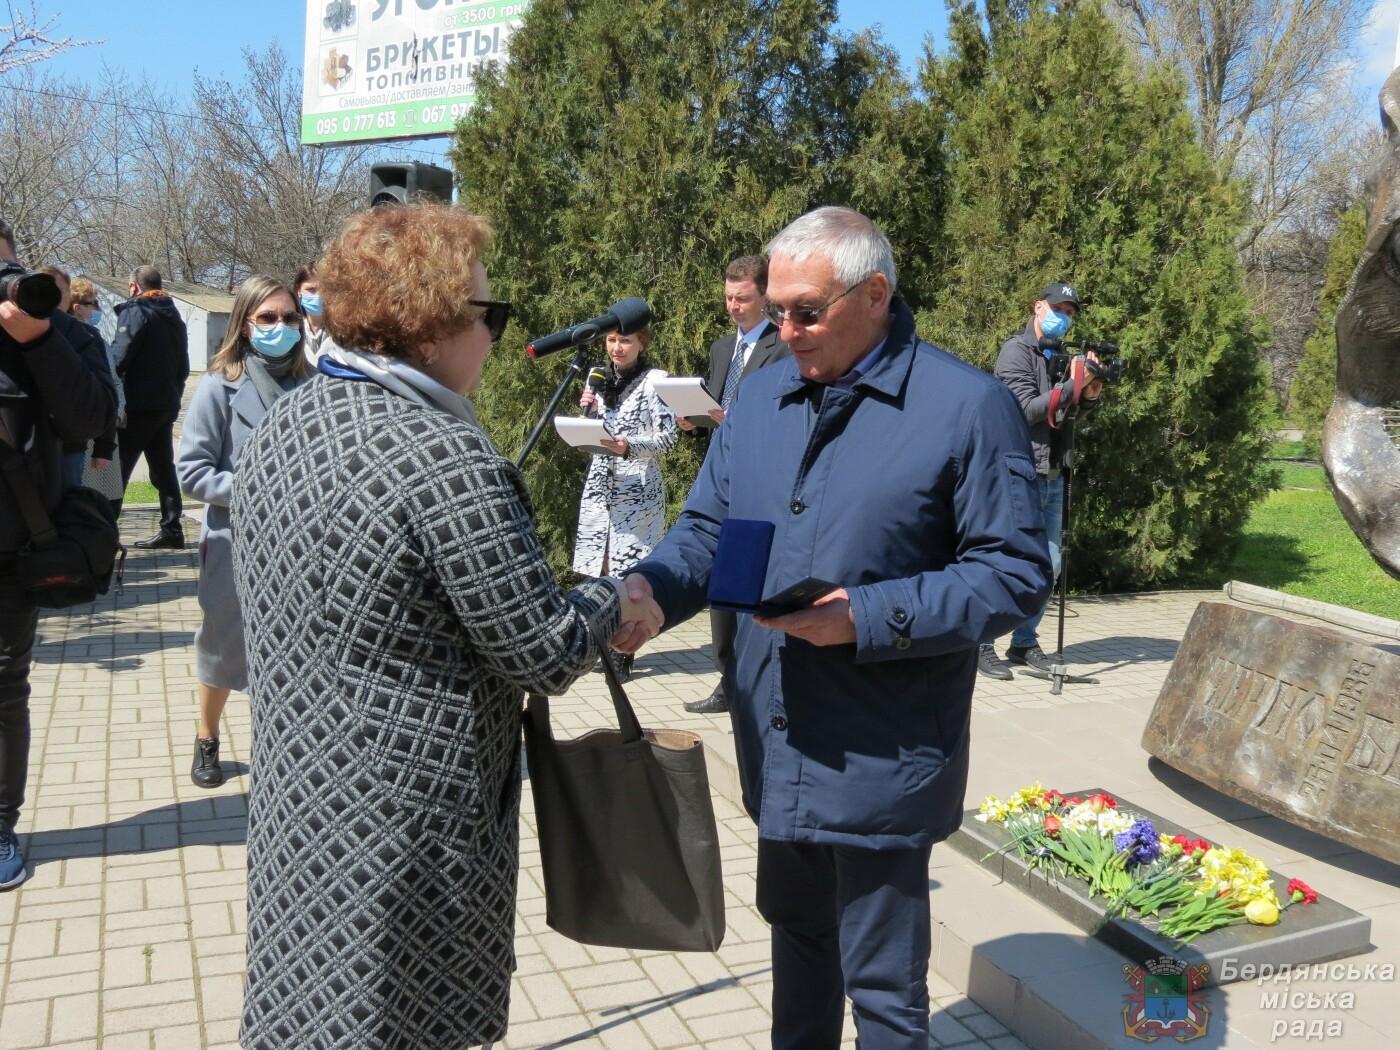 В Бердянске прошел митинг к 35-й годовщины аварии на Чернобыльской атомной электростанции, фото-6